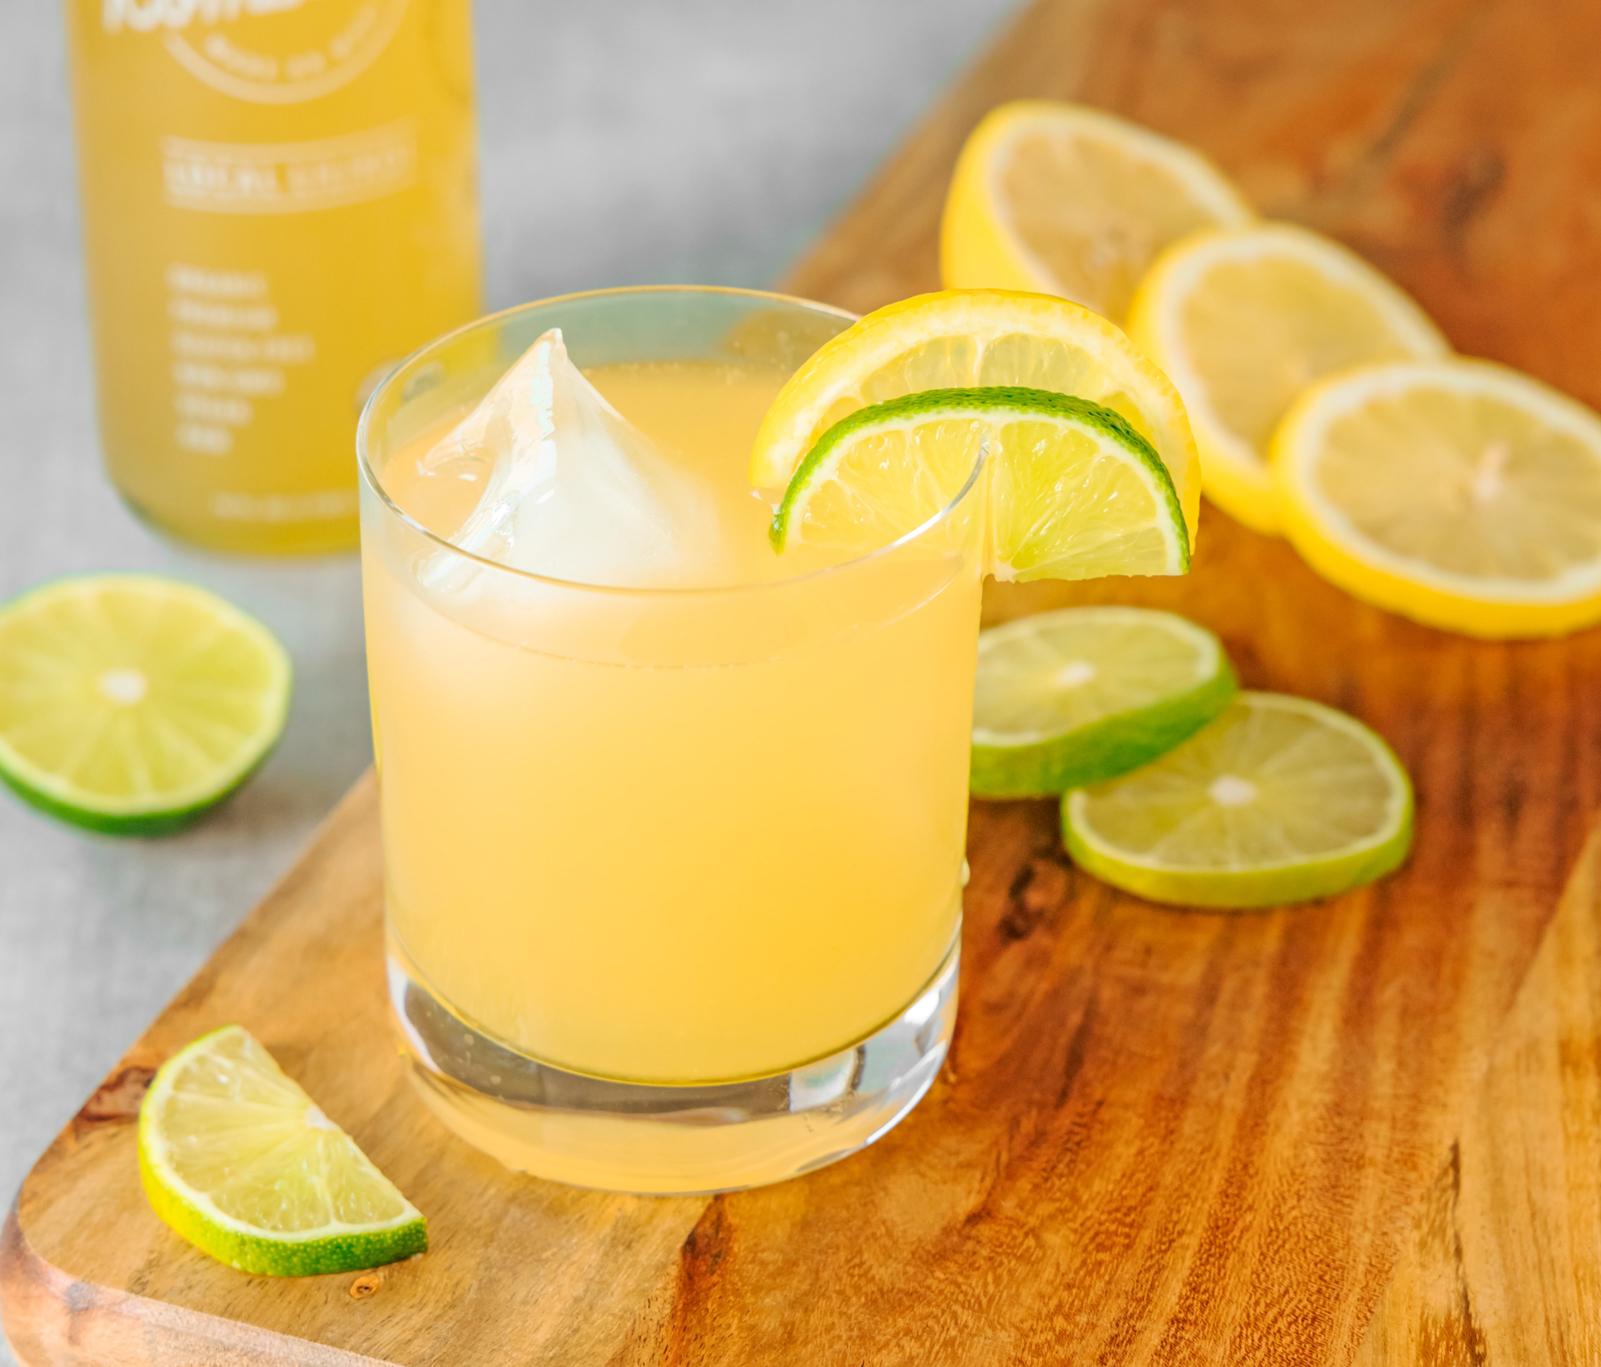 spicy food lemon lime juice